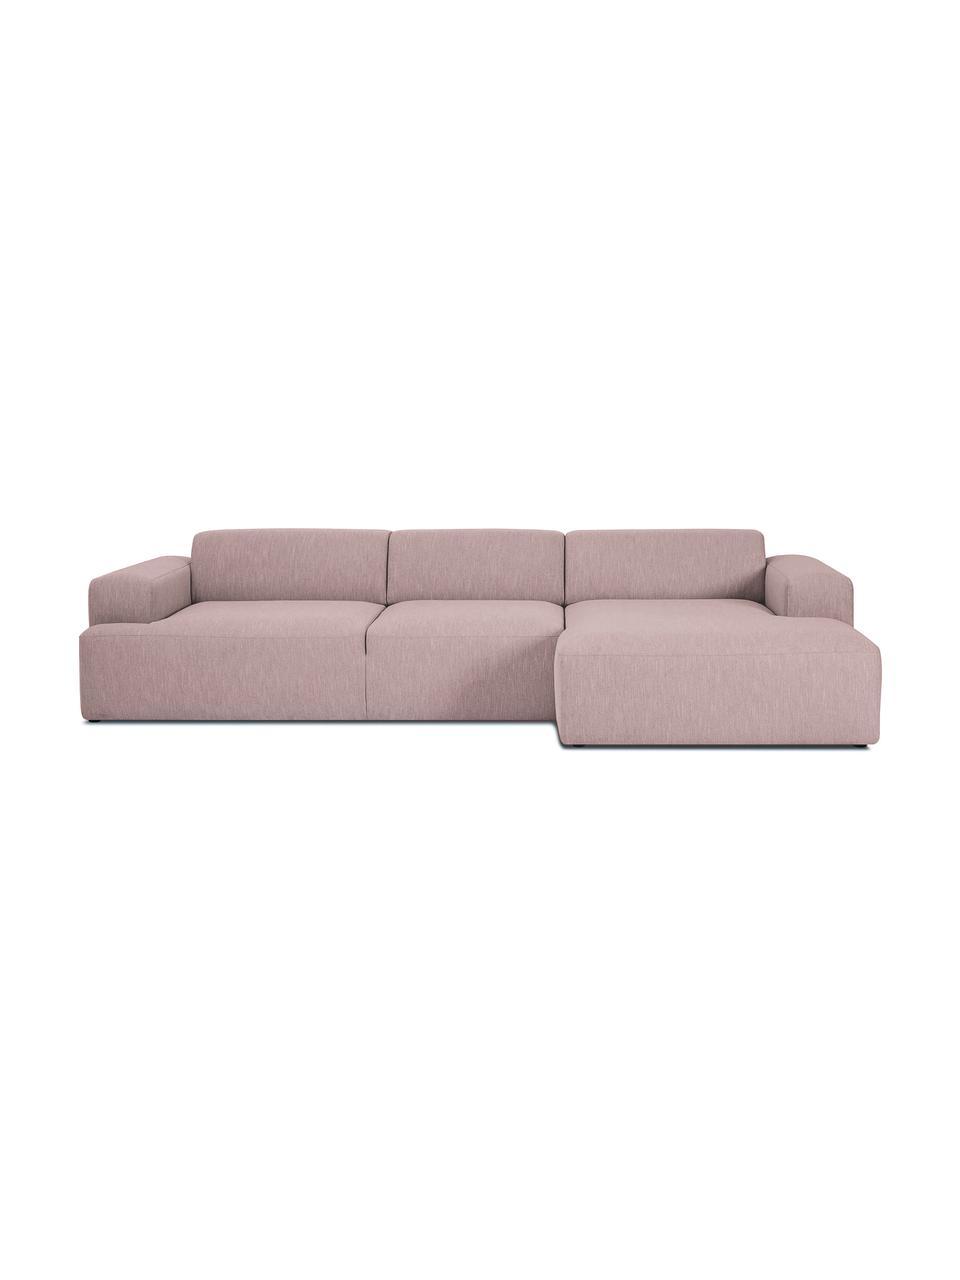 Sofa narożna Melva (4-osobowa), Tapicerka: poliester Dzięki tkaninie, Nogi: drewno sosnowe Nogi znajd, Blady różowy, S 319 x G 144 cm